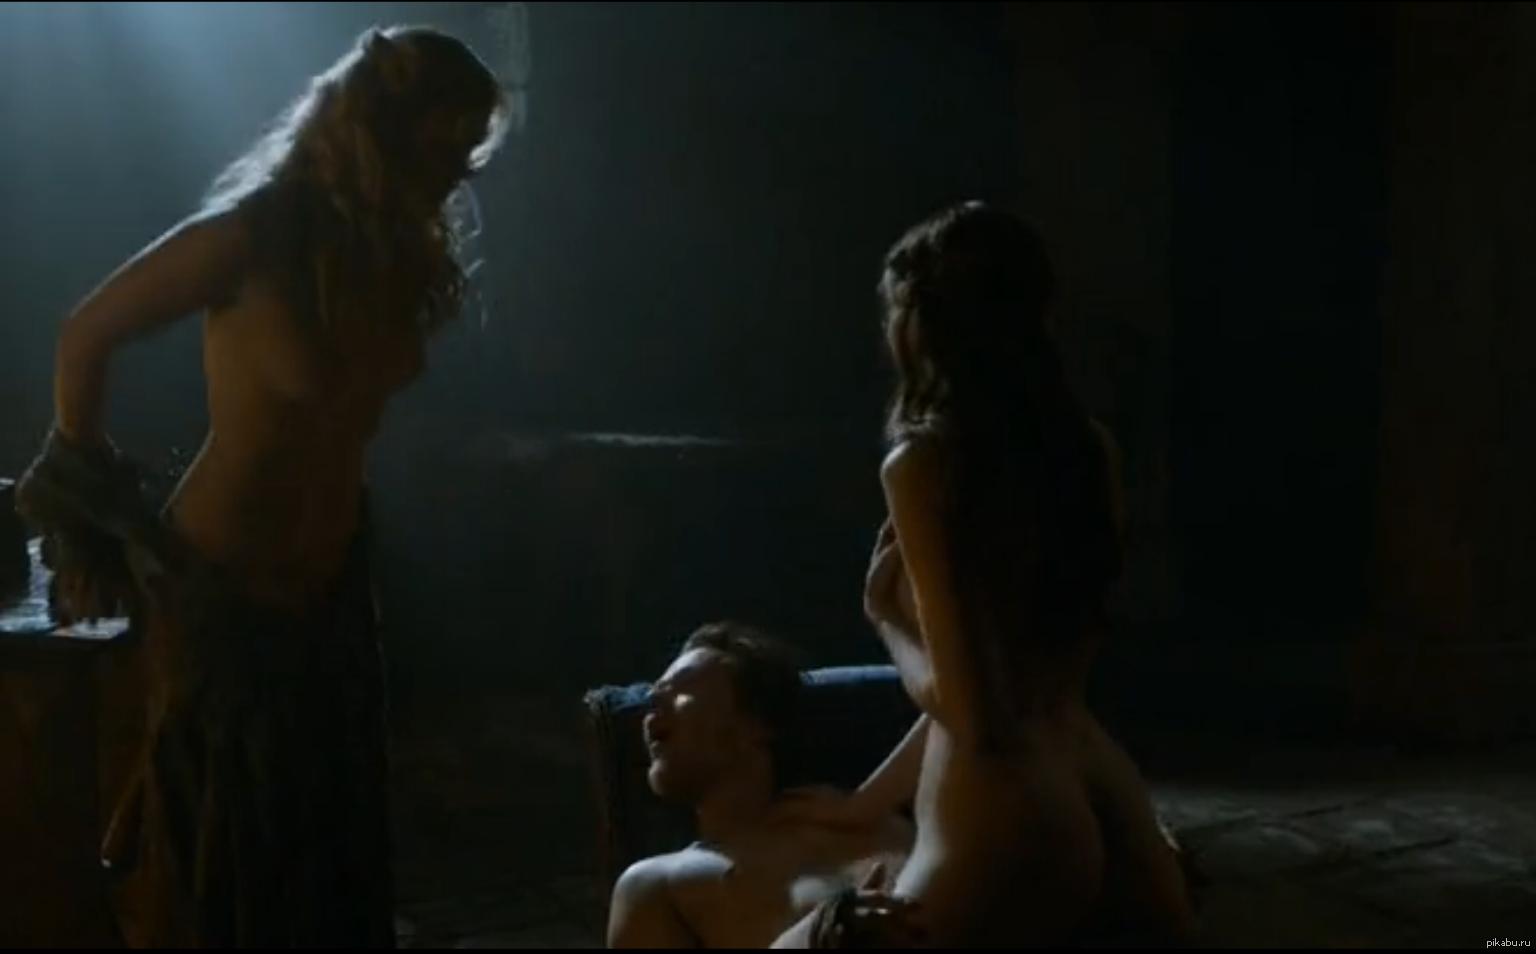 igra-prestolov-eroticheskie-stseni-video